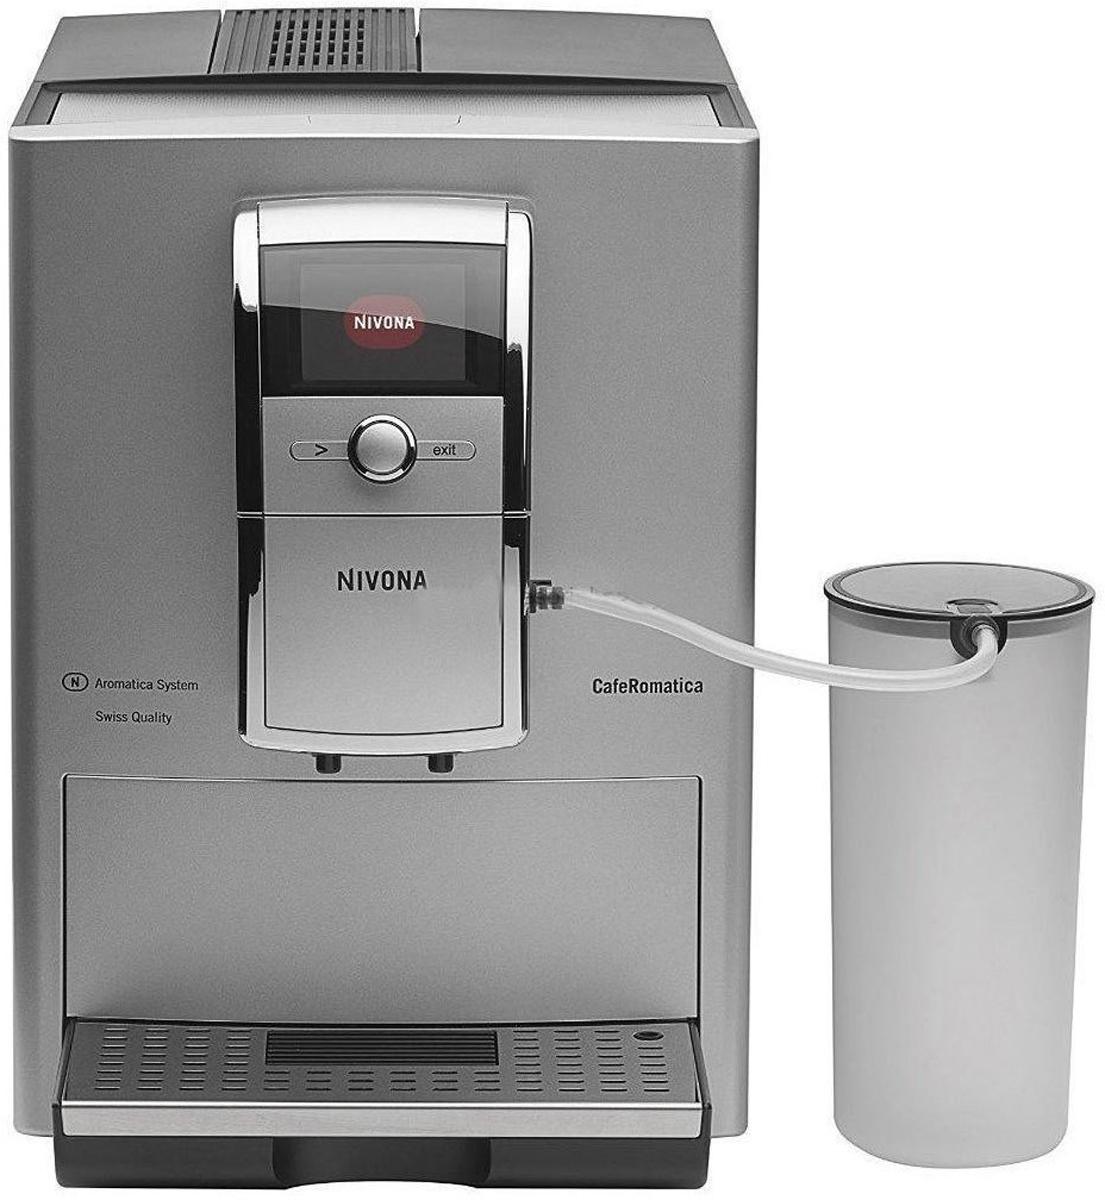 Nivona NICR 848 кофемашина848Элегантный алюминиевый дизайн с хромированной отделкой подчеркнет внешний вид любой кухни, в которой устанавливается кофемашина Nivona NICR 848. Двухцветная подсветка чаши дает дополнительную эстетическую привлекательность. Кроме того, продукт отличается исключительным техническим совершенством и безупречной работой. Программировать все рецепты можно в реальном времени. Прибор обладает низким уровнем шума. Регулировка температуры кофе производится в 3 этапа, крепость кофе в 5 этапов.Особенности:Кофемолка из закаленной стали.Режим ECO и выключатель для достижения почти нулевого потребления энергии.Автоматическая система ополаскивания для взбивателя пены.Программы для очистки, удаления накипи и полоскания, запускаемые одним нажатием кнопки.Функция статистики и мониторинга необходимости технического обслуживания.Регулируемый по высоте выход для кофе (до 14 см).Автоматический контроль уровня воды и кофейных зерен.Держатель для молочного шланга на выходе для кофе.Индивидуальная настройка степени помола.Подставка с подогревом.Система Aromatica с давлением в насосе до 15 бар.Простота перемещения с помощью задних роликов.Горячая вода для чая.Дополнительный отсек для кофейного порошка.Защитная крышка для сохранения аромата.Фильтр для воды CLARIS, чистящие таблетки, молочный шланг и мерная ложка входят в комплект. Комплект также включает контейнер для молока (0,9 л).Элегантная конструкция: алюминий и хромированная отделка.